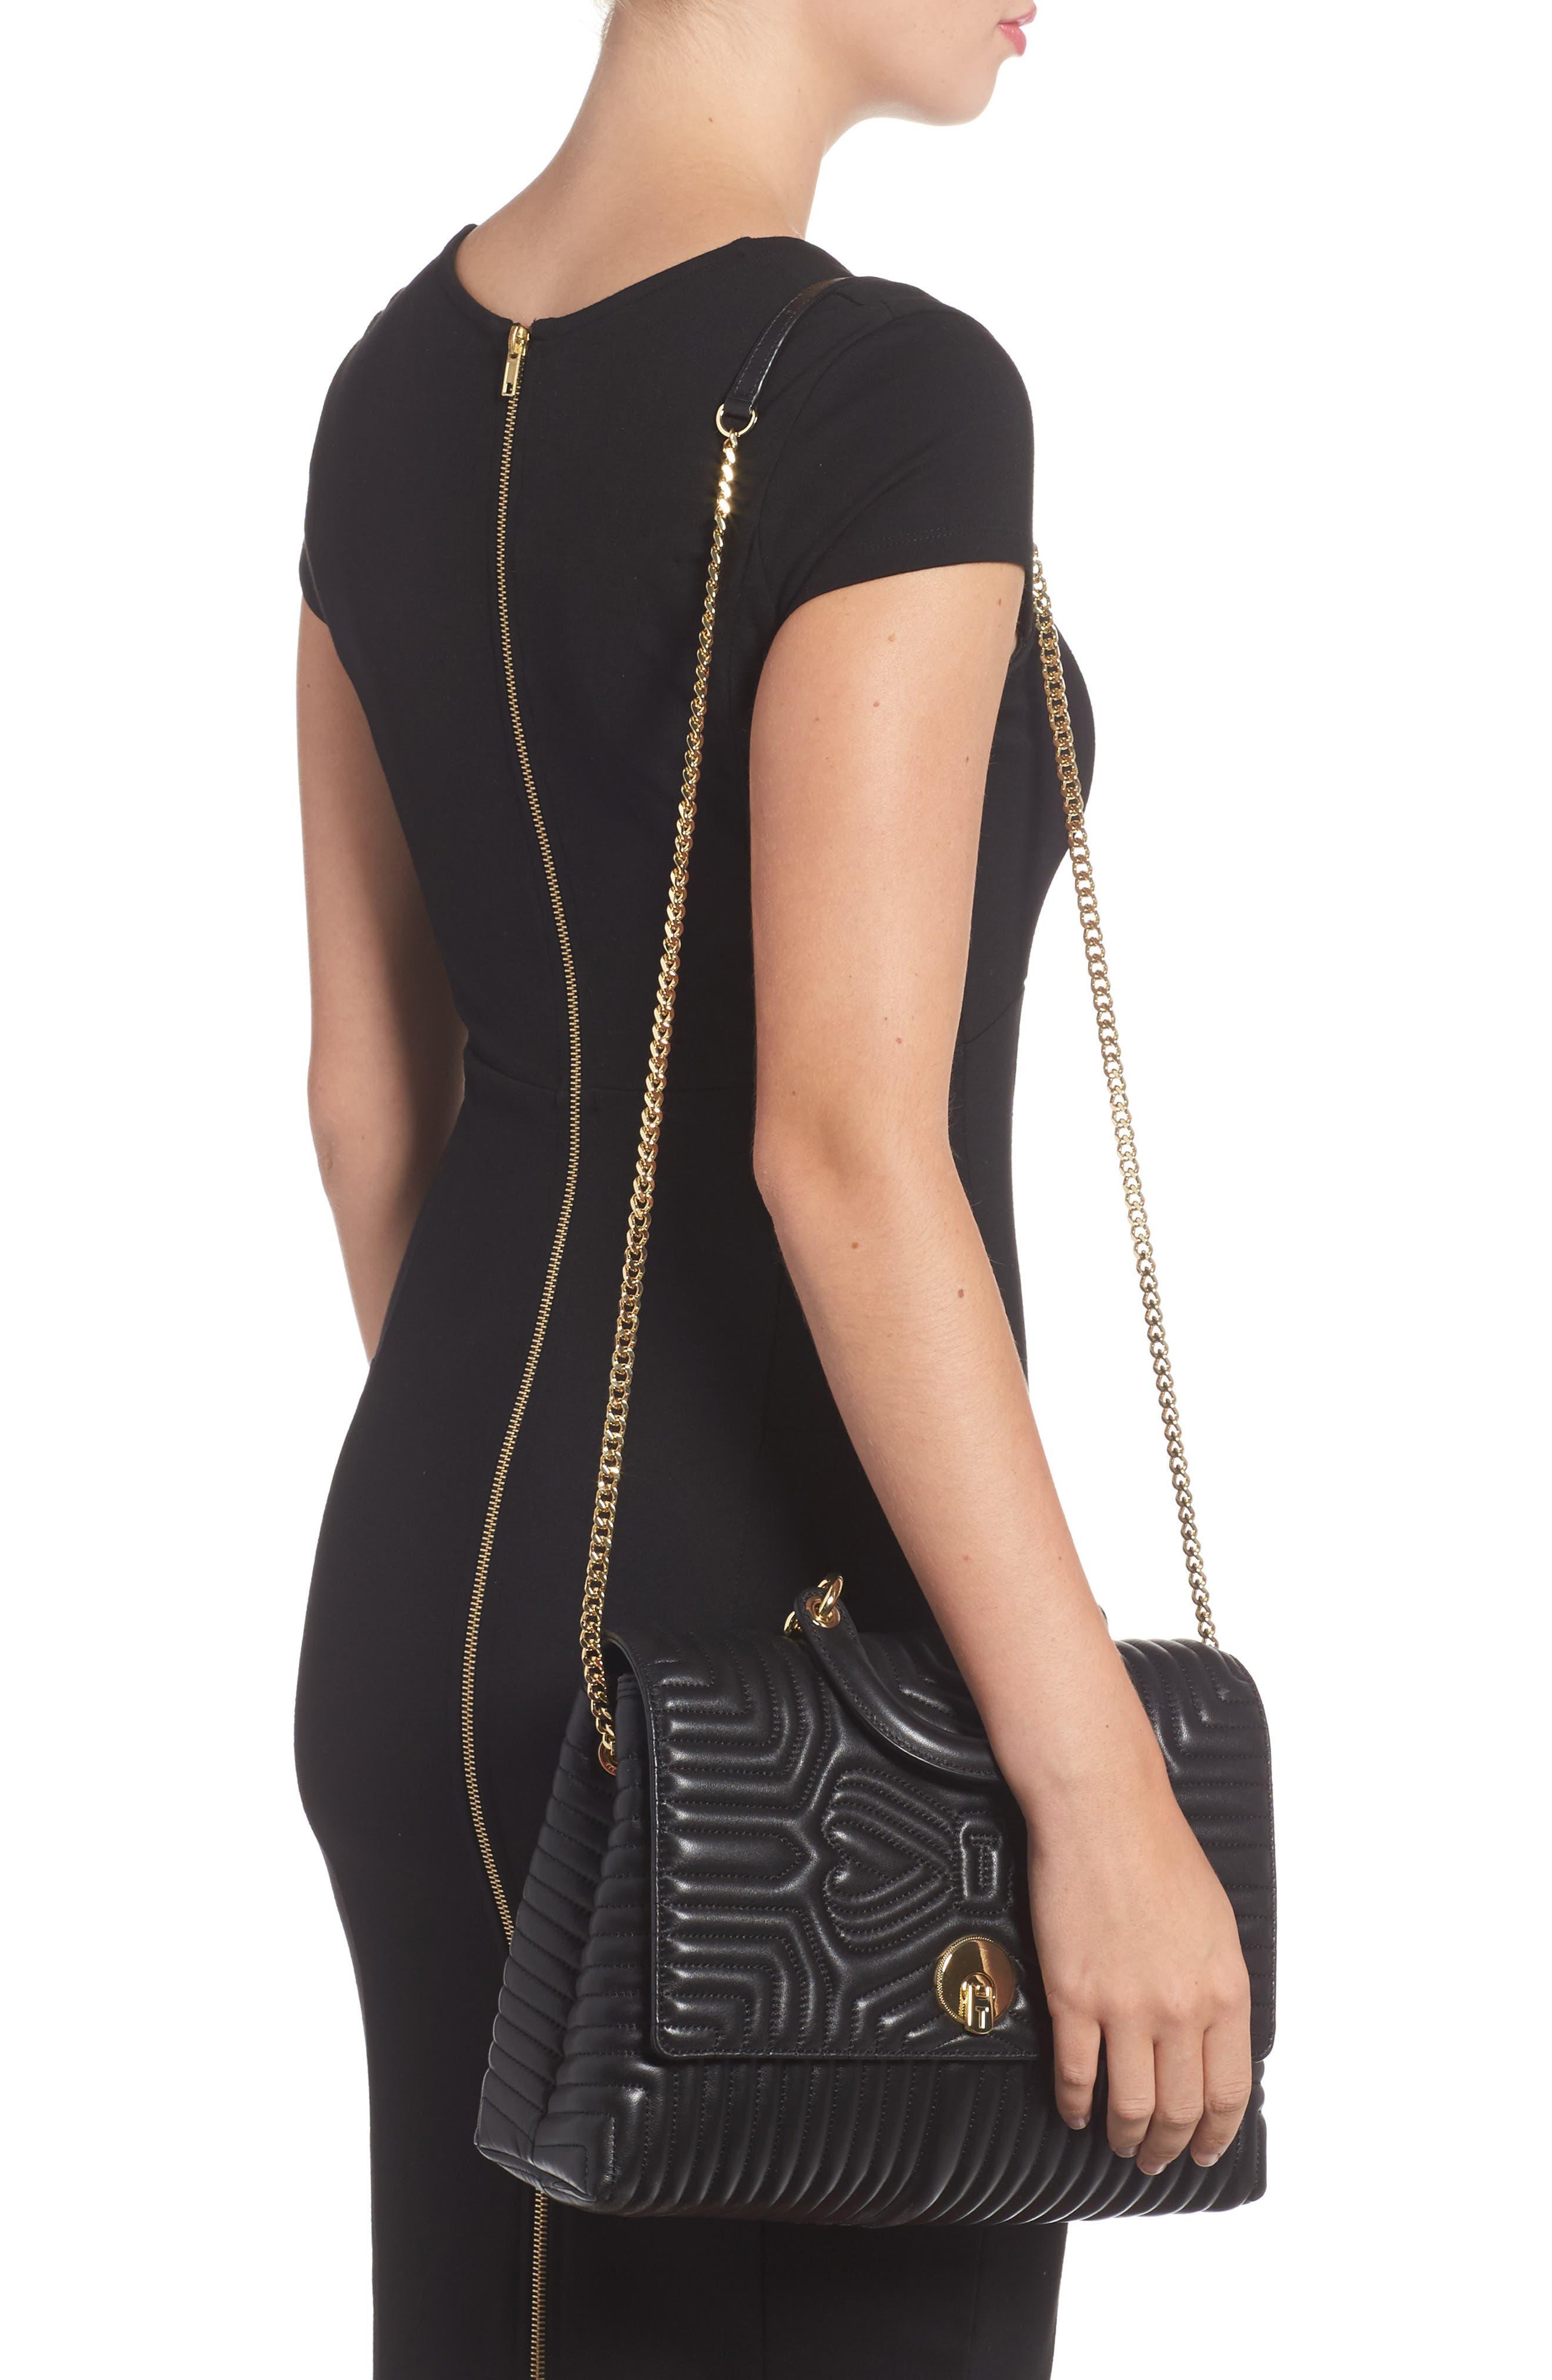 Vivida Quilted Leather Shoulder Bag,                             Alternate thumbnail 2, color,                             001